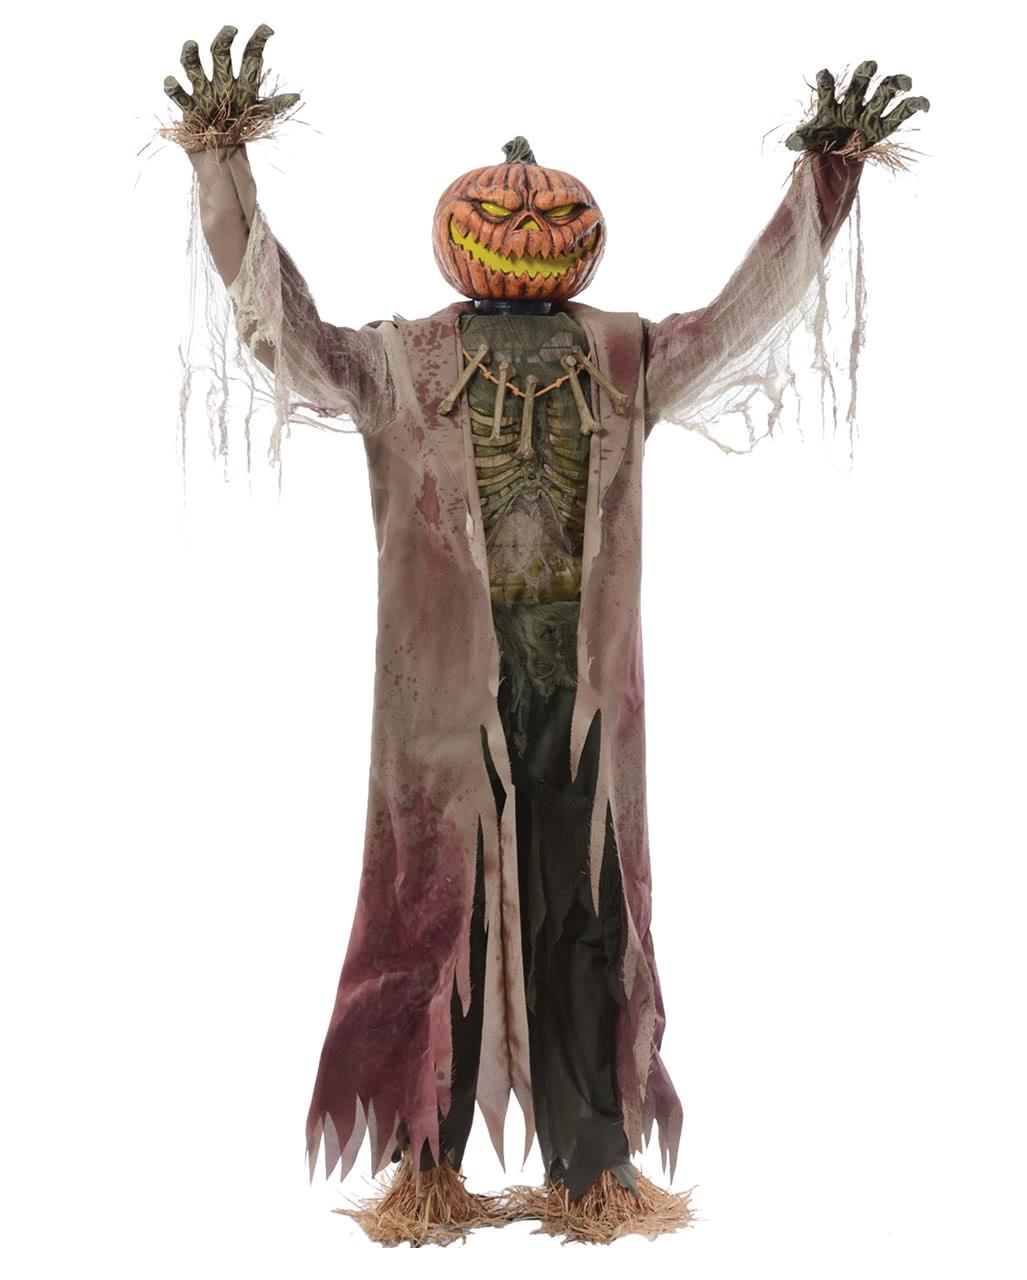 pumpkin scarecrow halloween animatronic httpsinst 1cdnshockersdehs_cdn